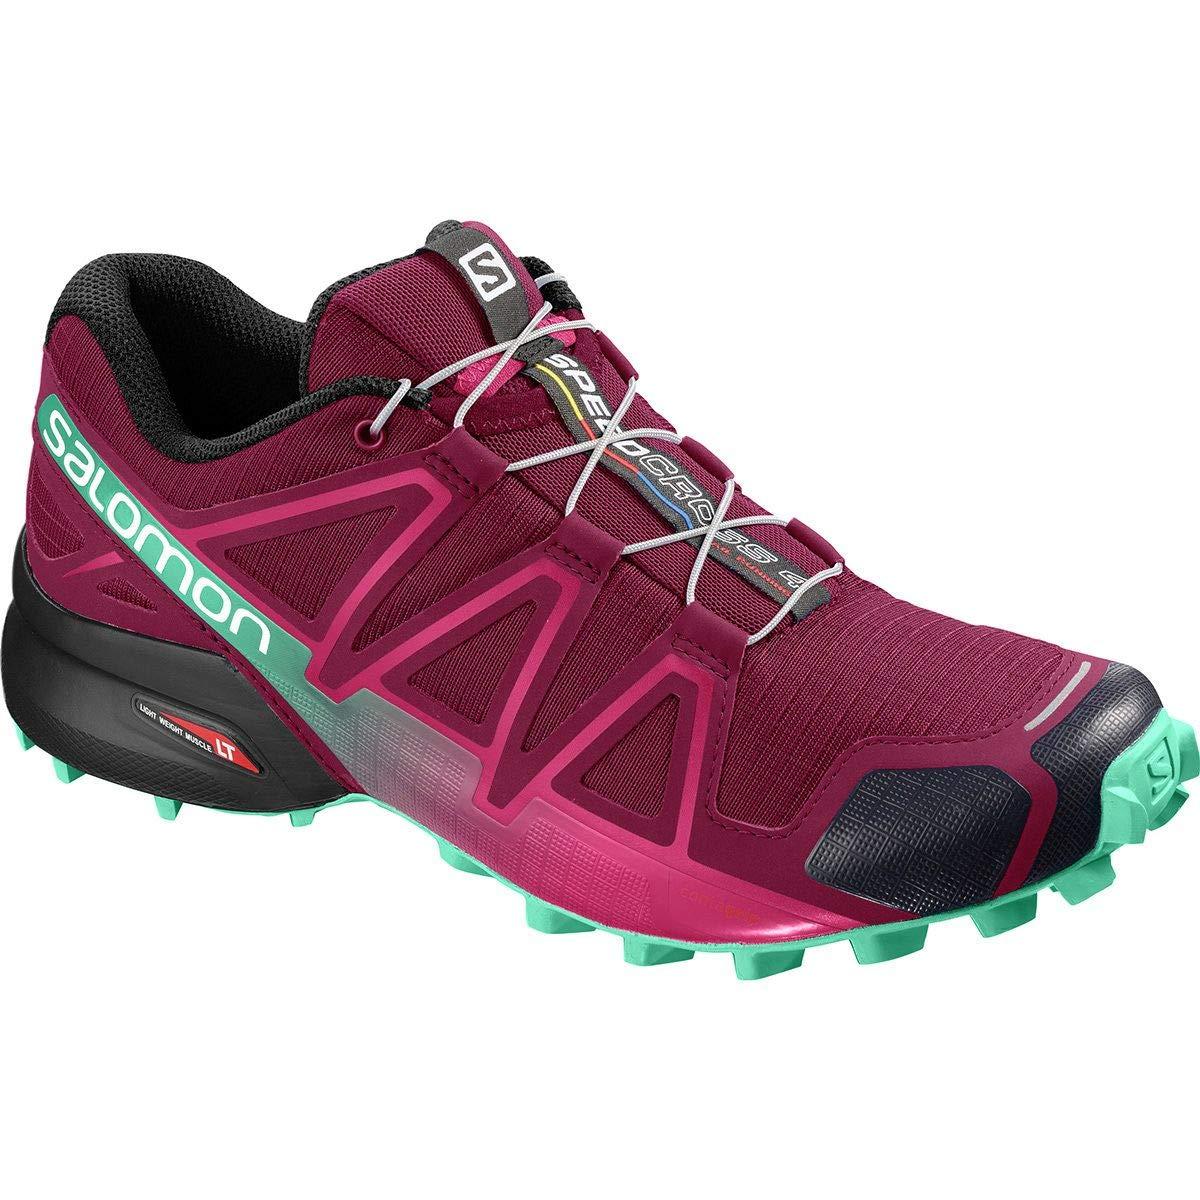 当店在庫してます! [サロモン] レディース B07P3ZJJ83 ランニング Speedcross 4 Trail Trail レディース Running Shoe [並行輸入品] B07P3ZJJ83 US-10.5/UK-9.0, カヤベグン:327a7549 --- portfolio.studioalex.nl